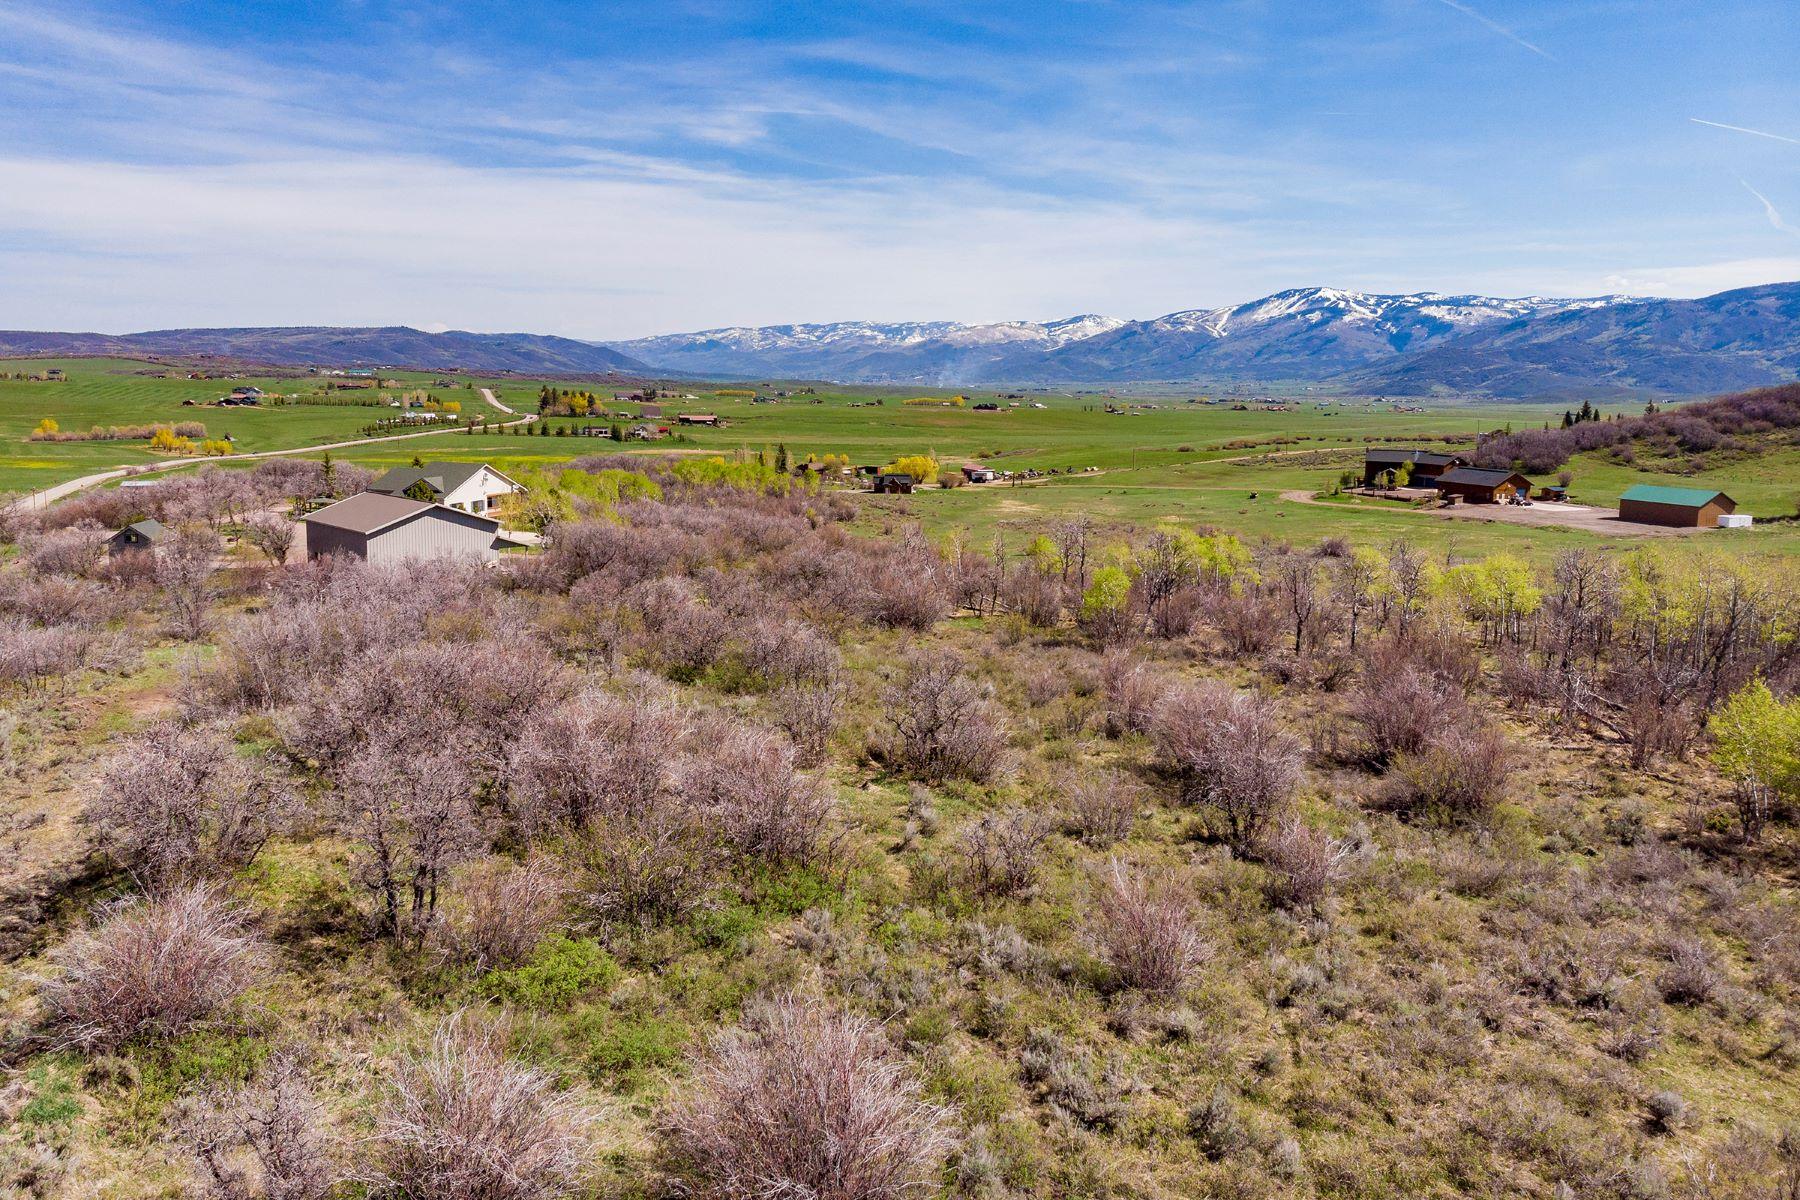 Οικόπεδο για την Πώληση στο Top of the World Views 28750 County Road 14, Oak Creek, Κολοραντο 80487 Ηνωμένες Πολιτείες